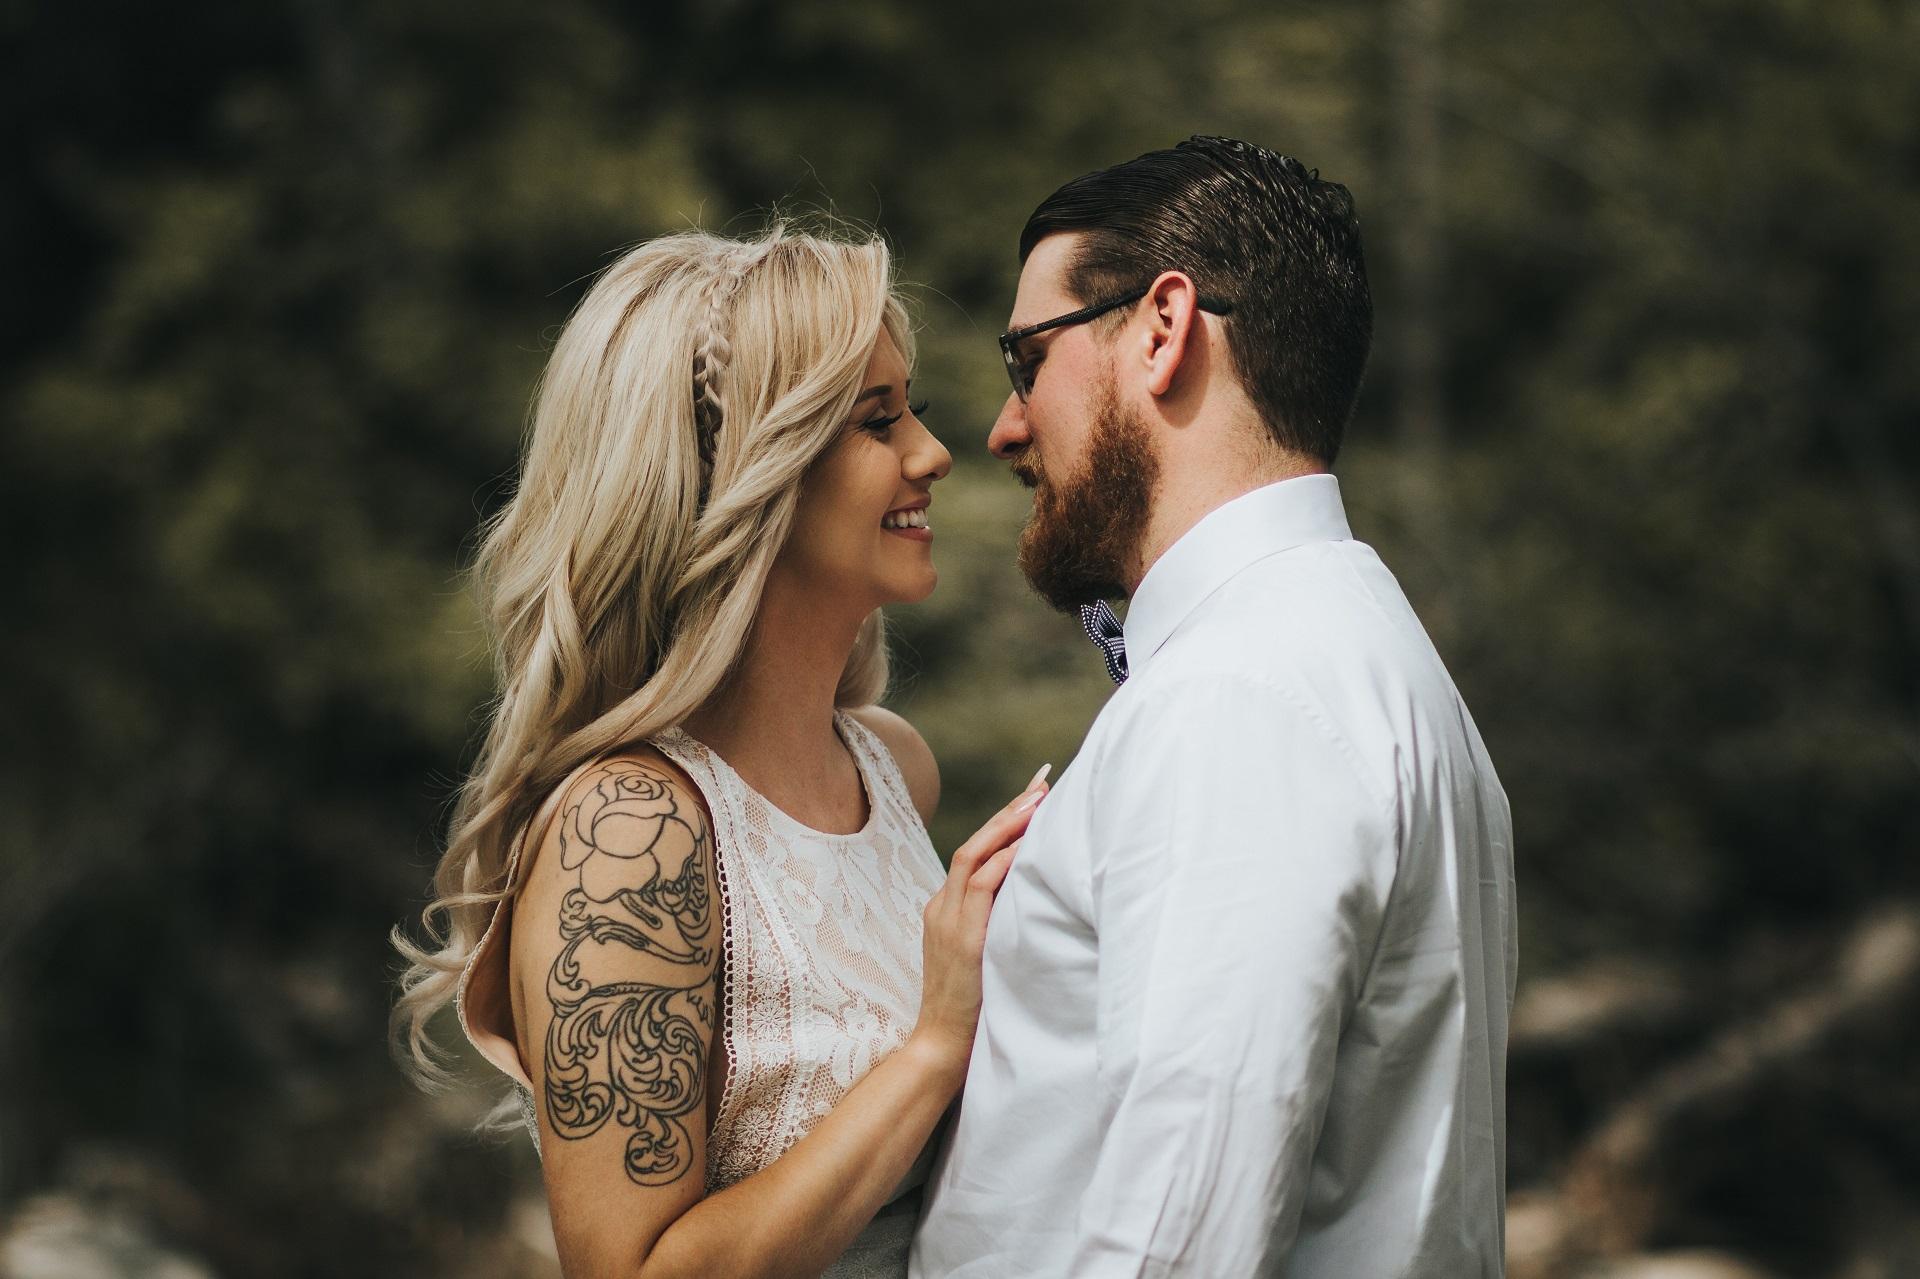 Para Młoda patrząca się na siebie, Panna Młoda z tatuażem na ręku, Panna Młoda z długimi rozpuszczonymi blond włosami